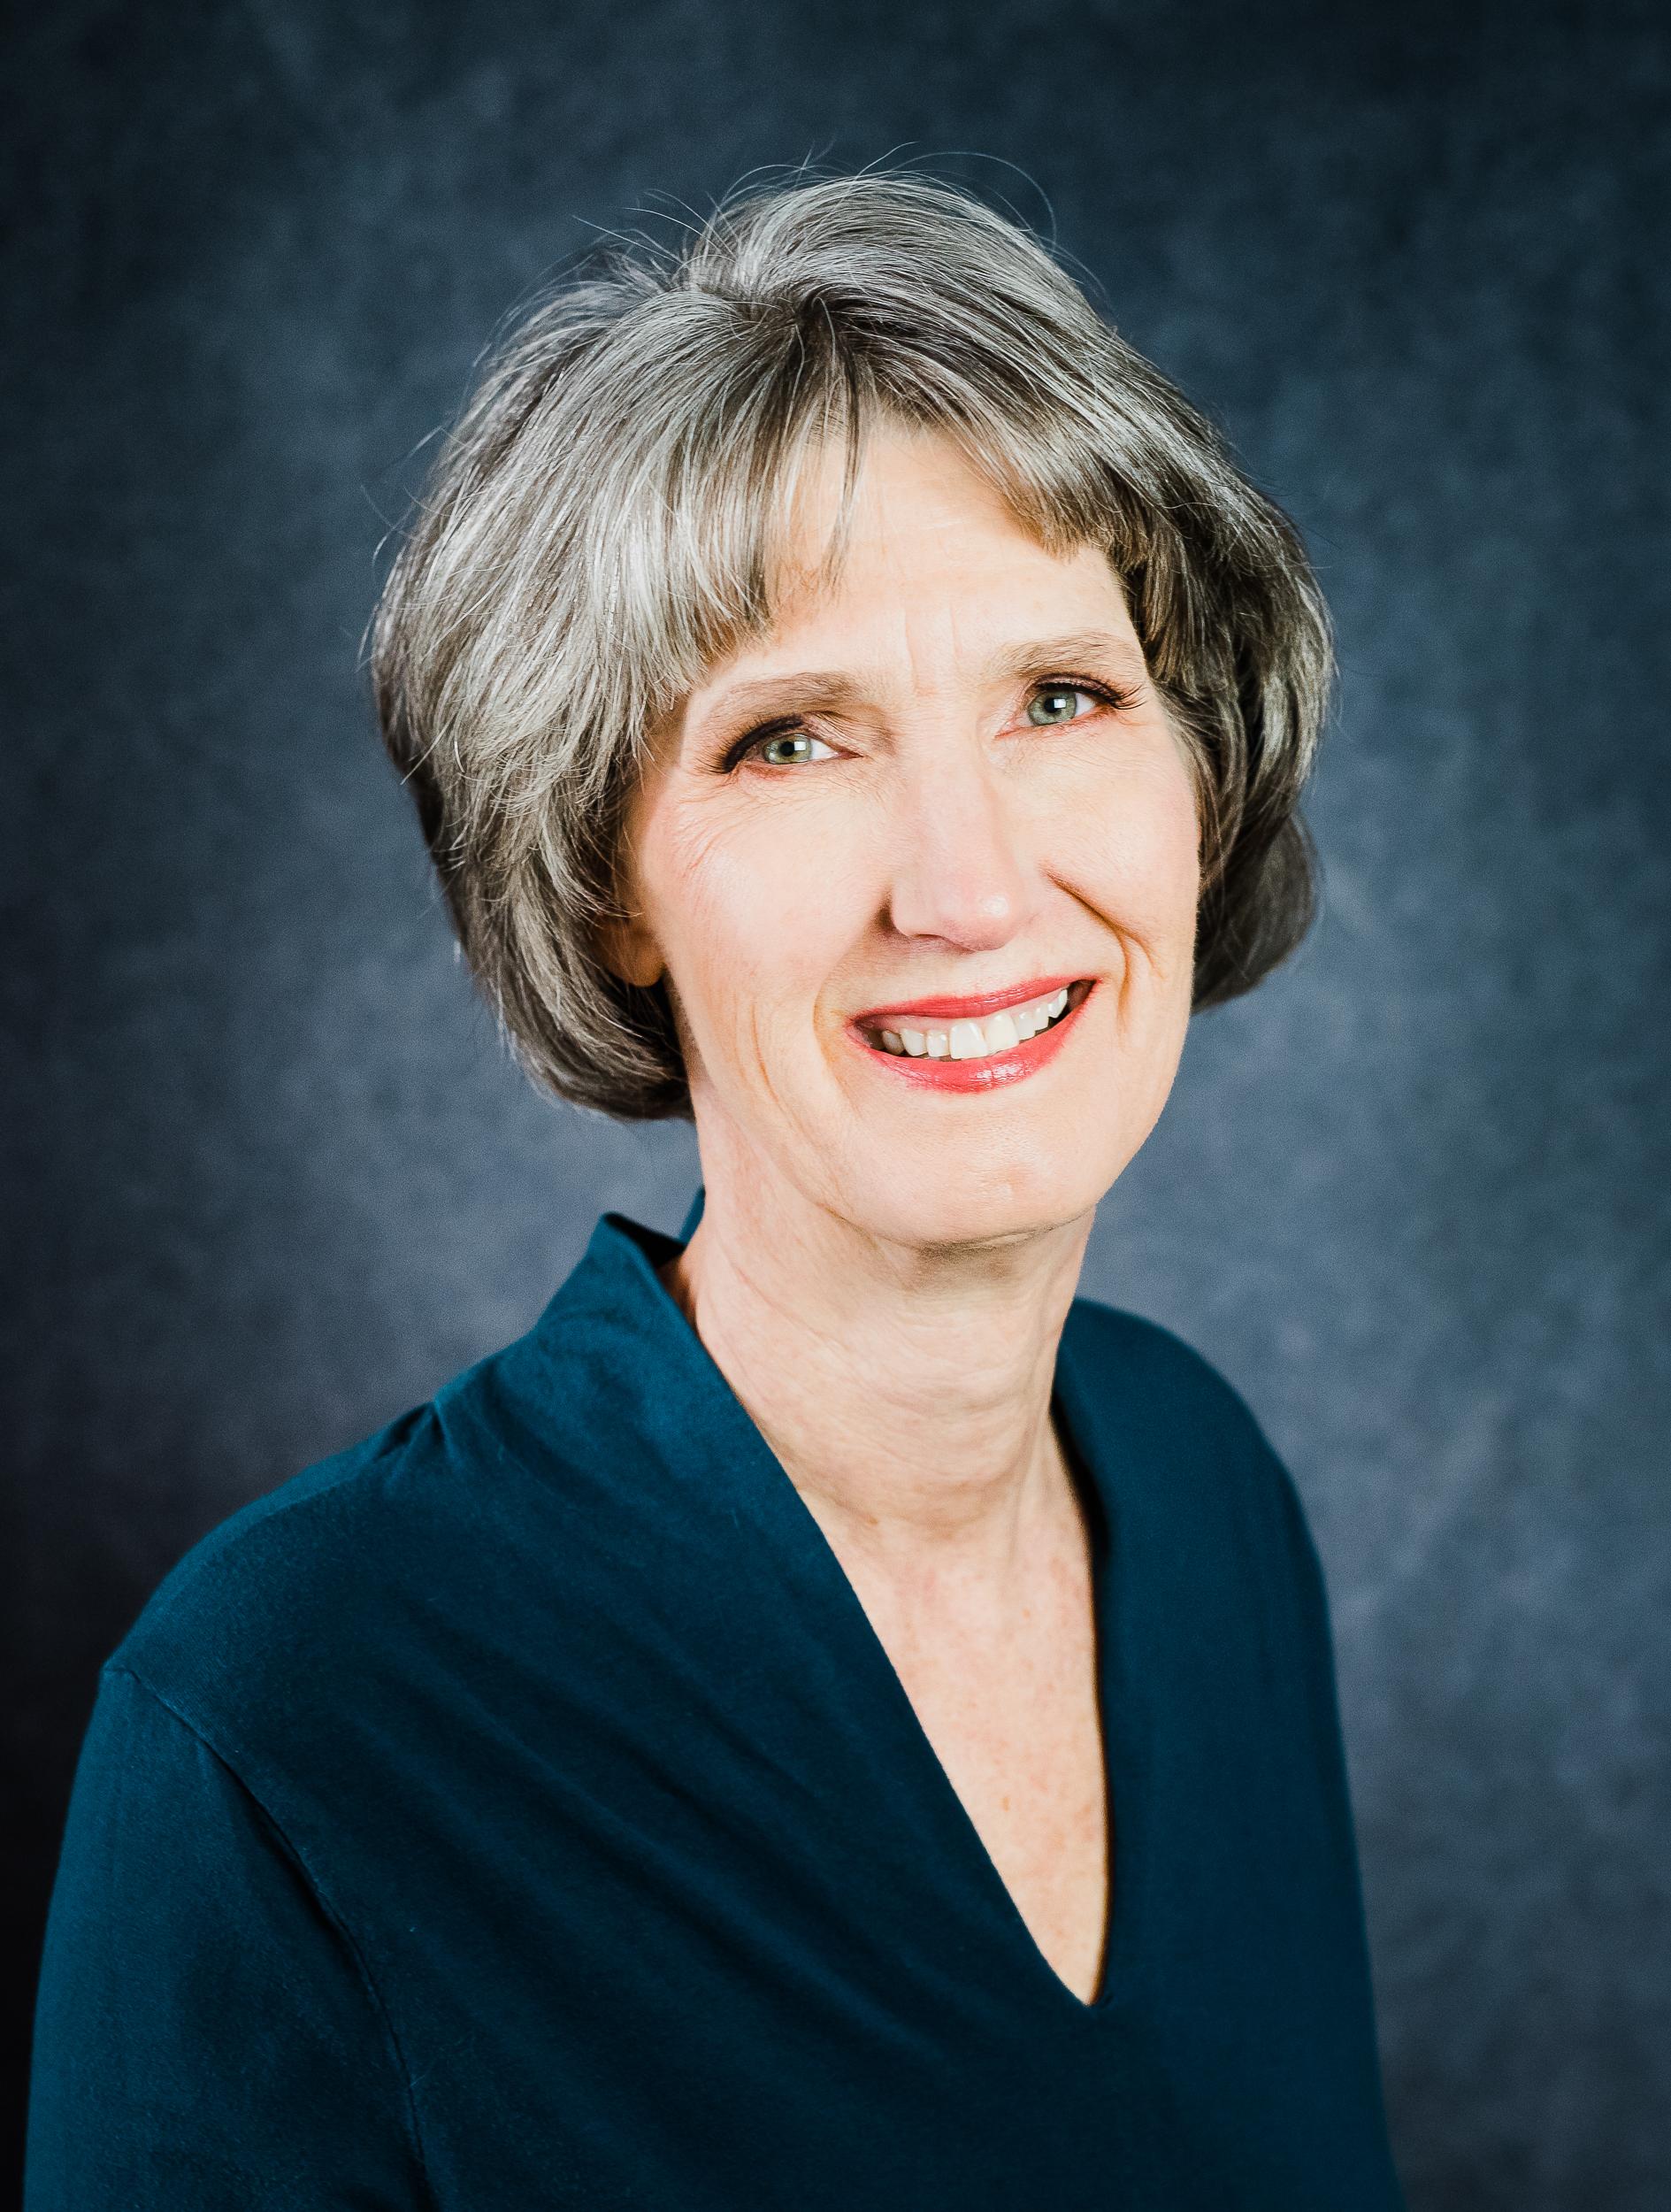 Patricia Moran Wotton